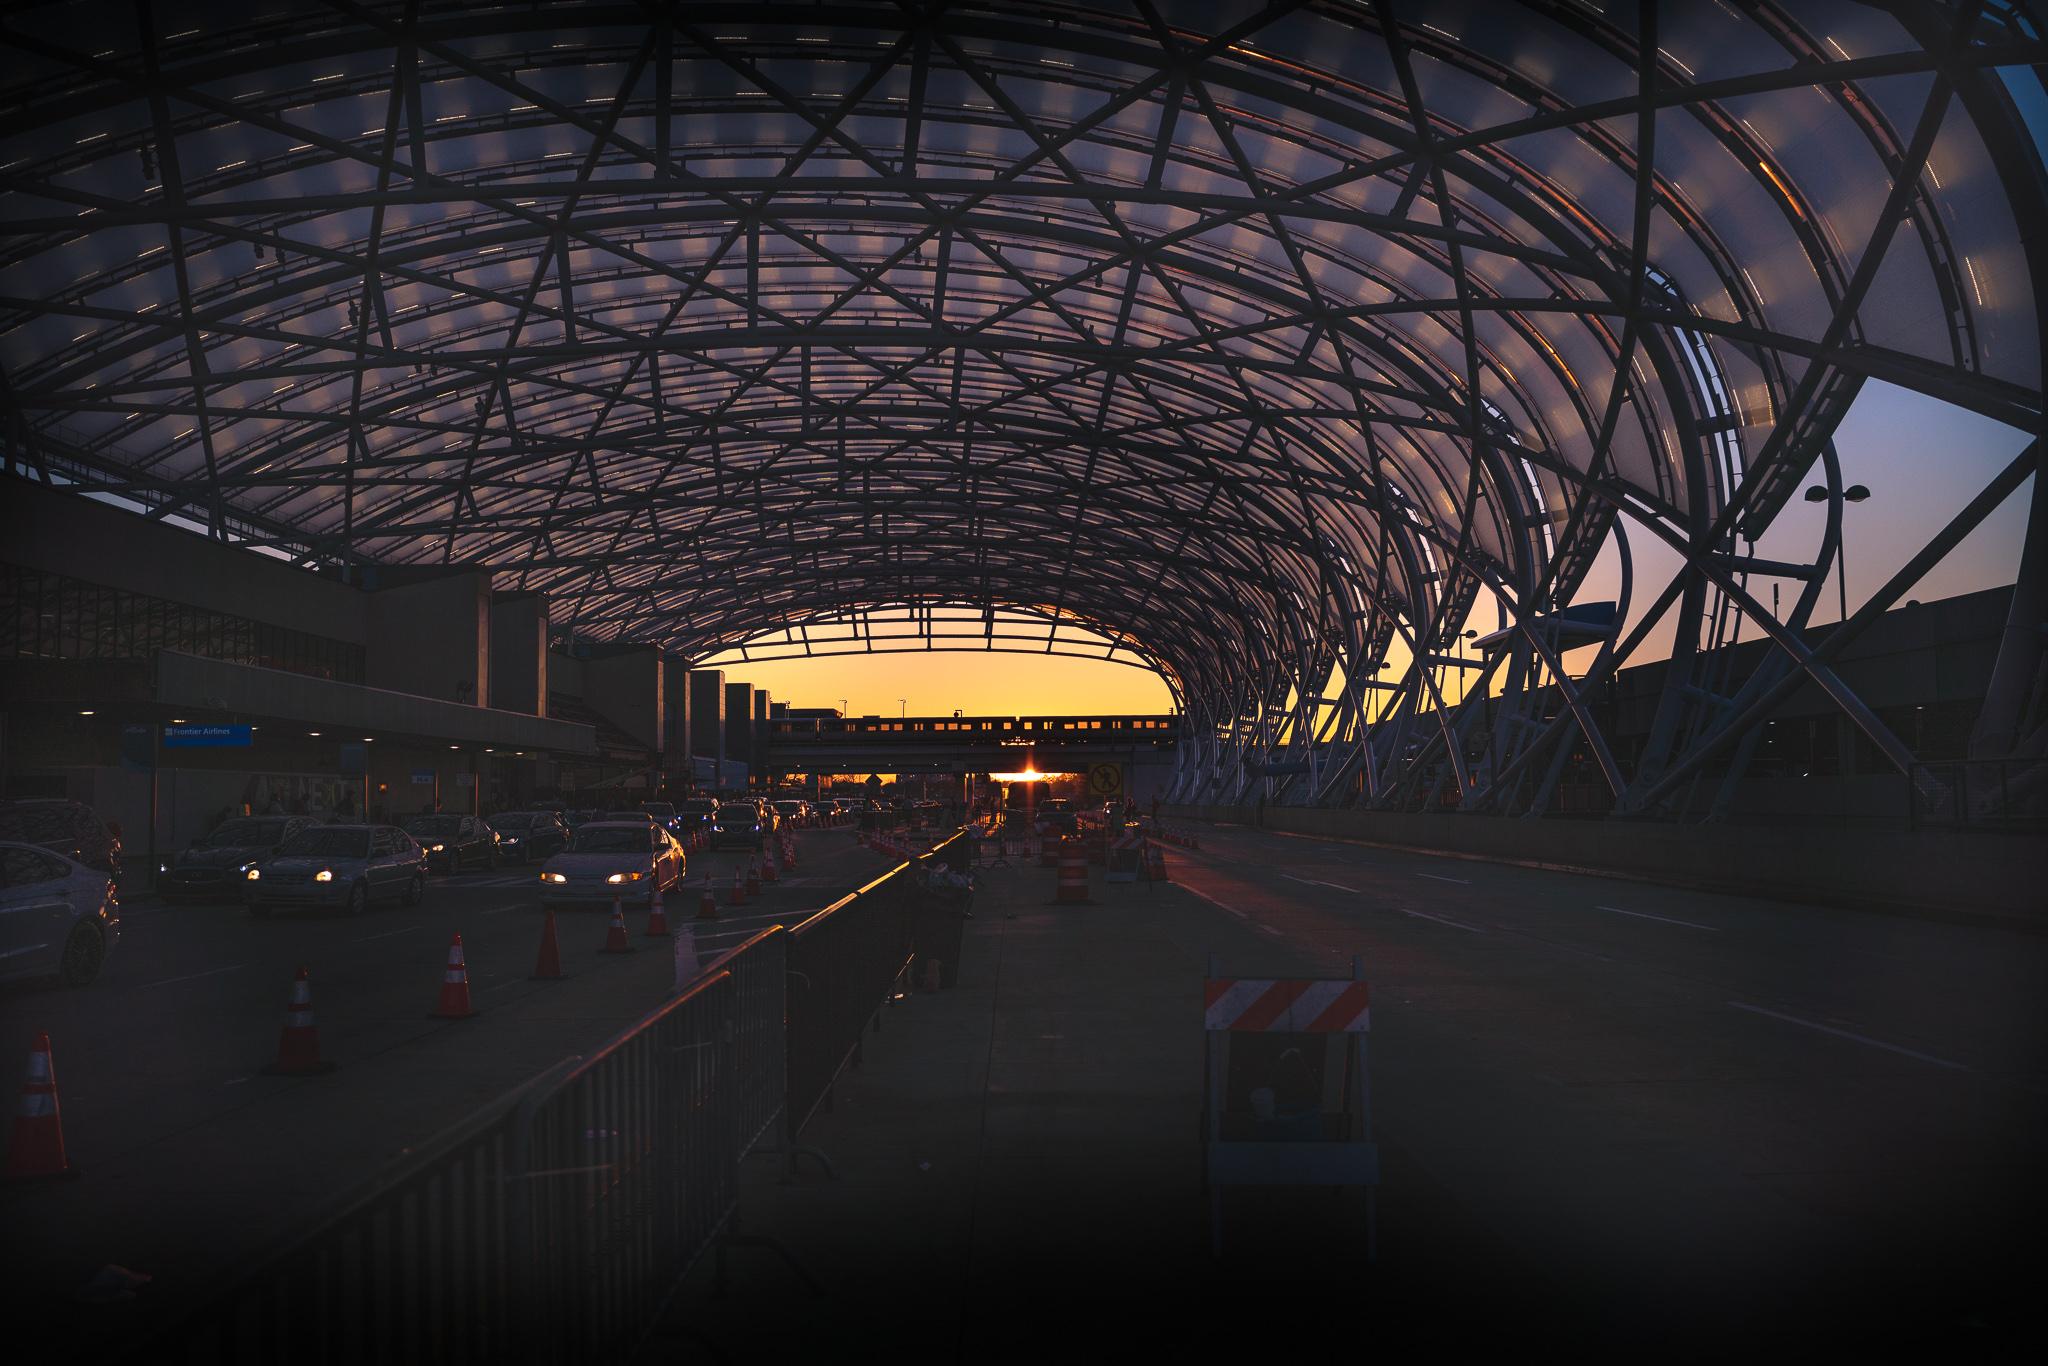 atlantaairport.jpg